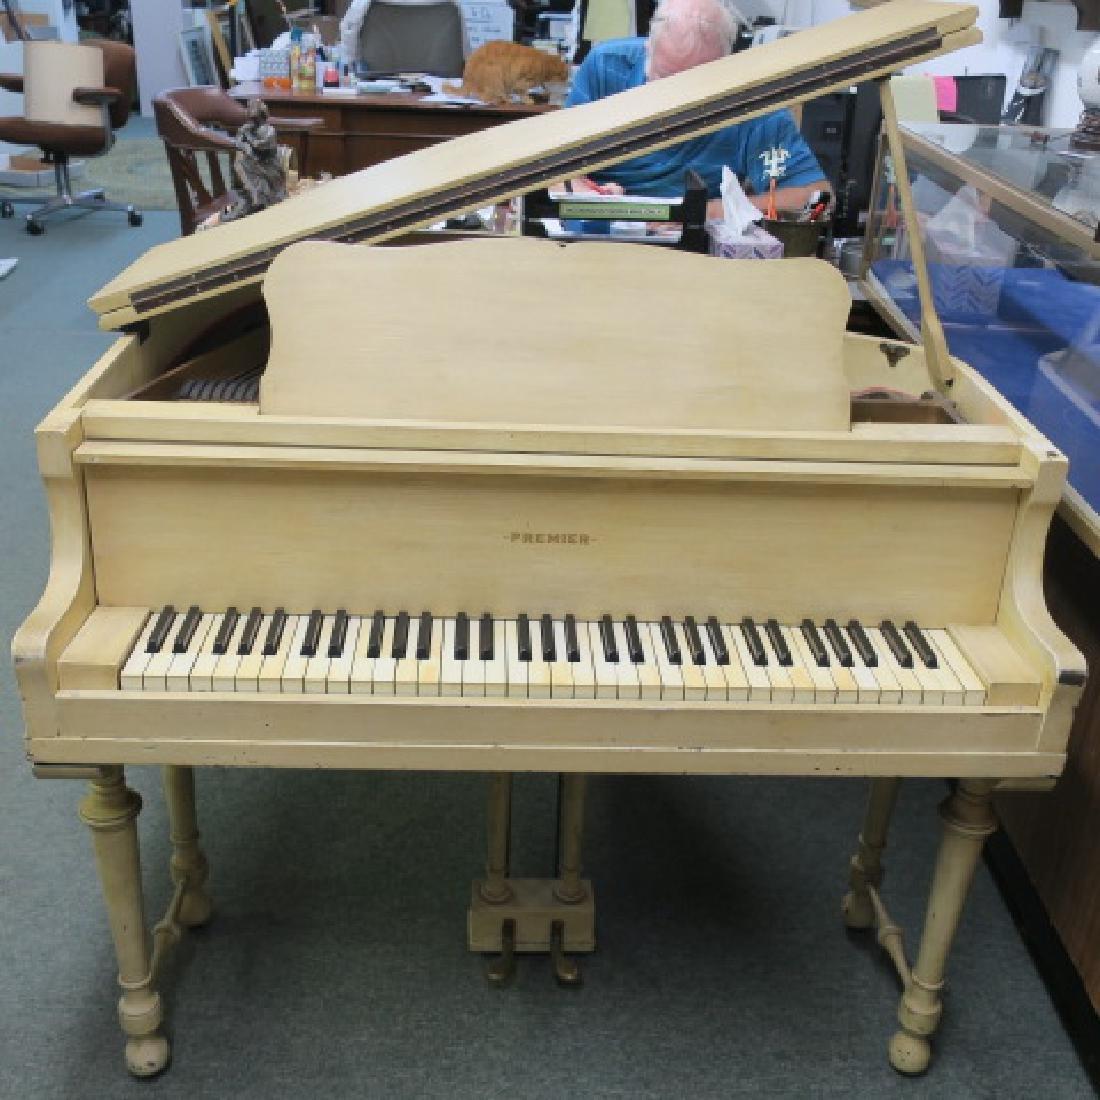 Rare PREMIER PIANO CORP Petite Parlor Grand Piano: